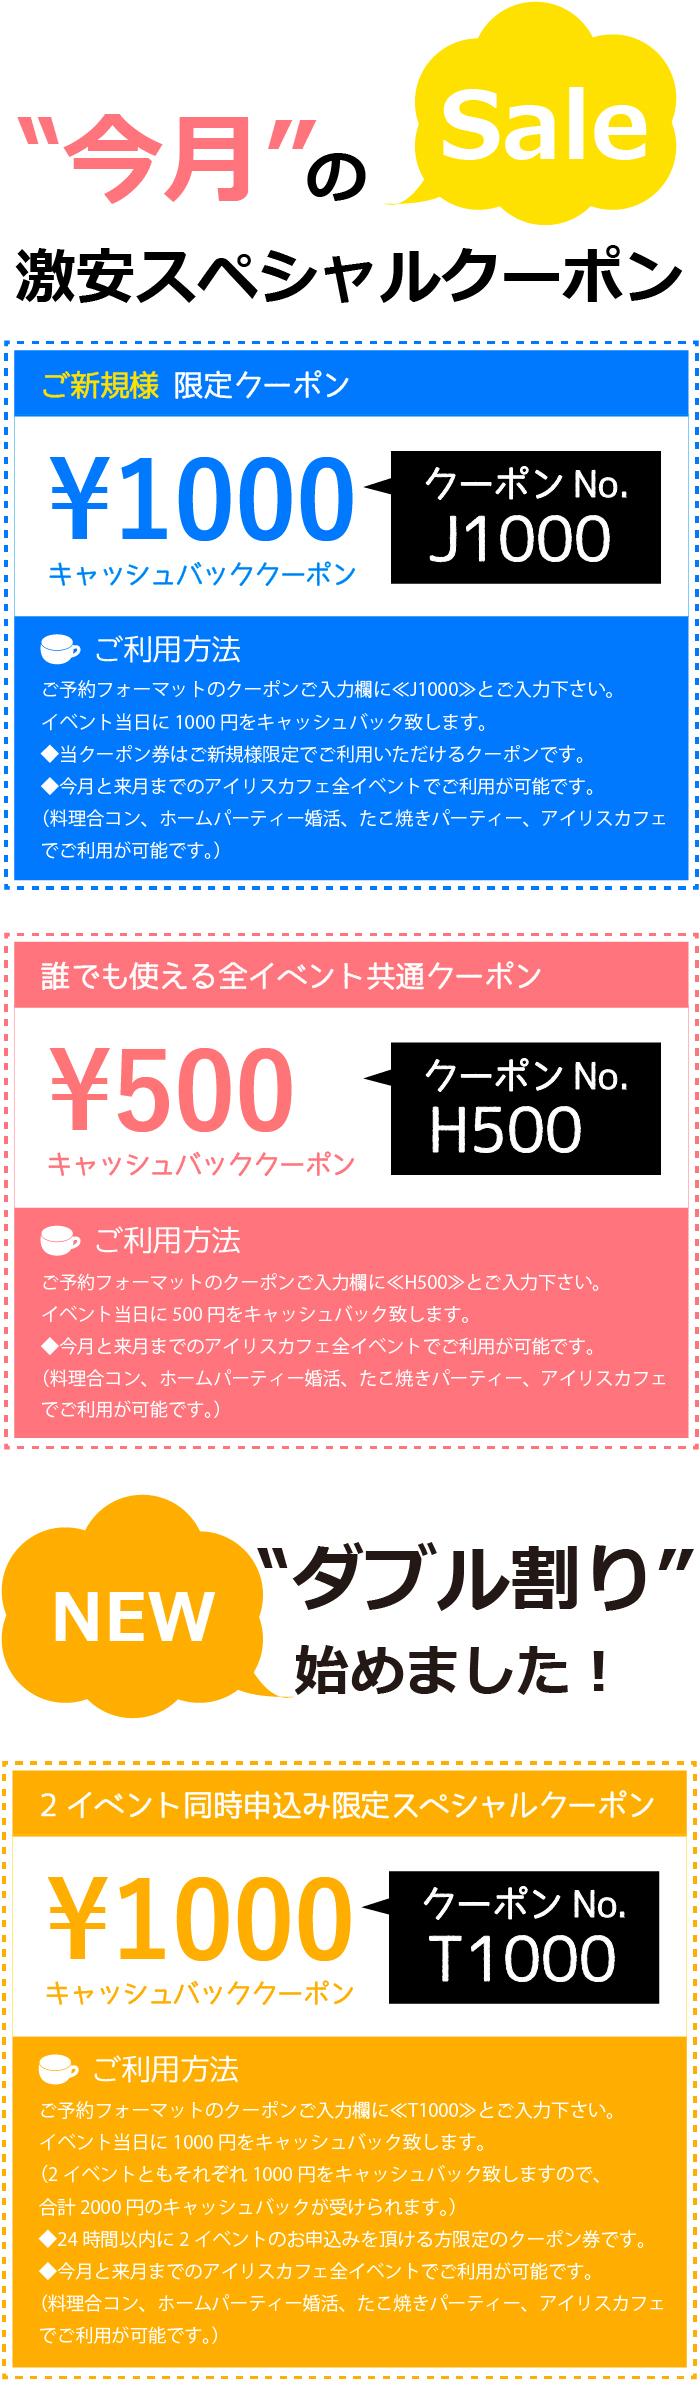 今月限定クーポン!最大1500円をキャッシュバック